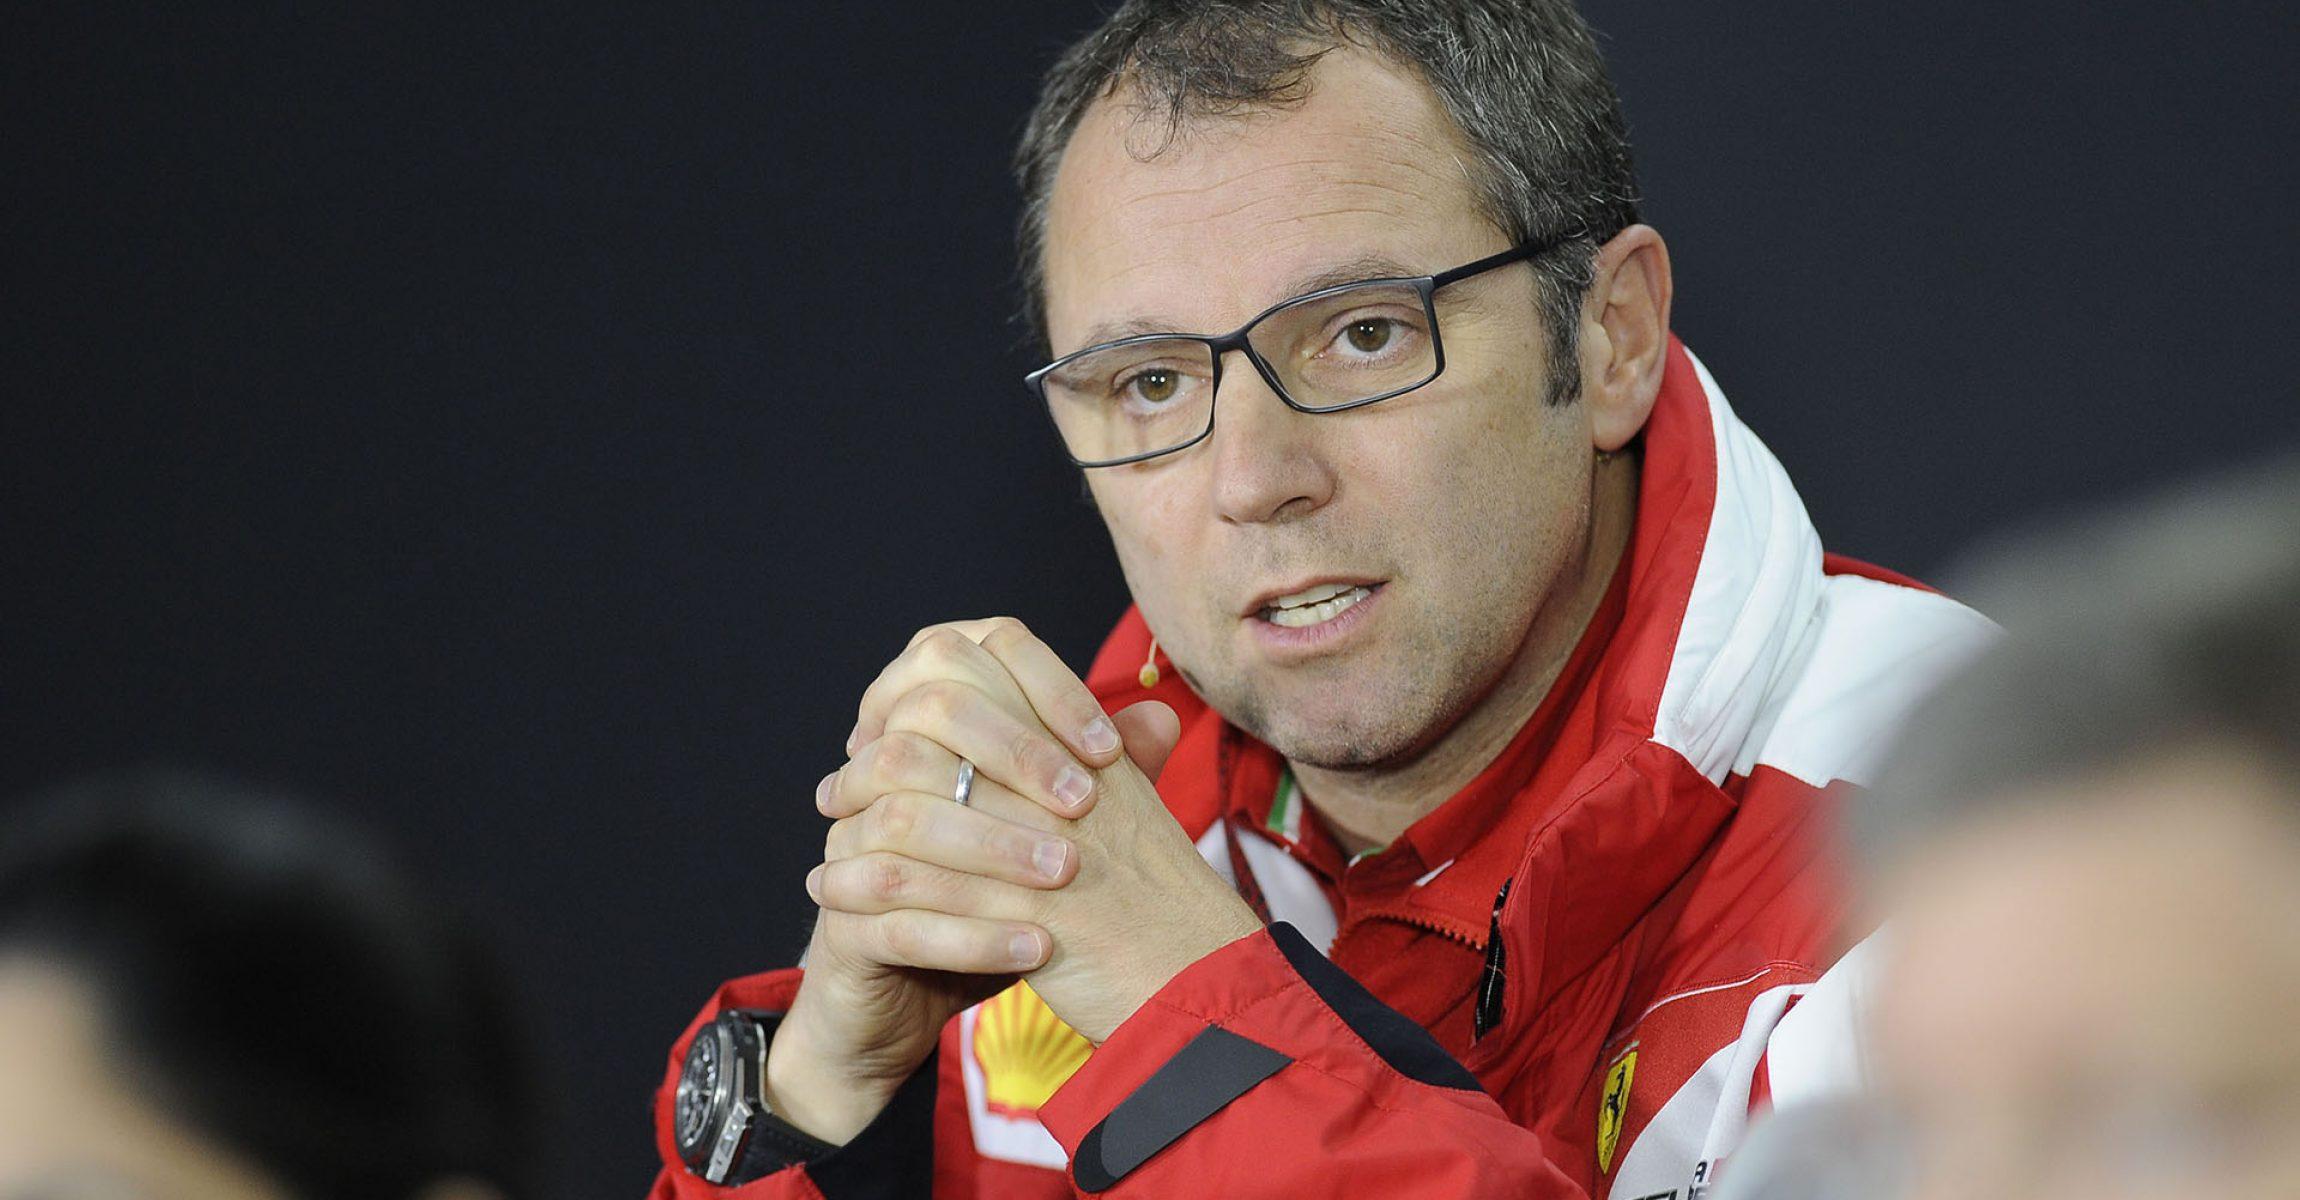 Stefano Domenicali Ferrari